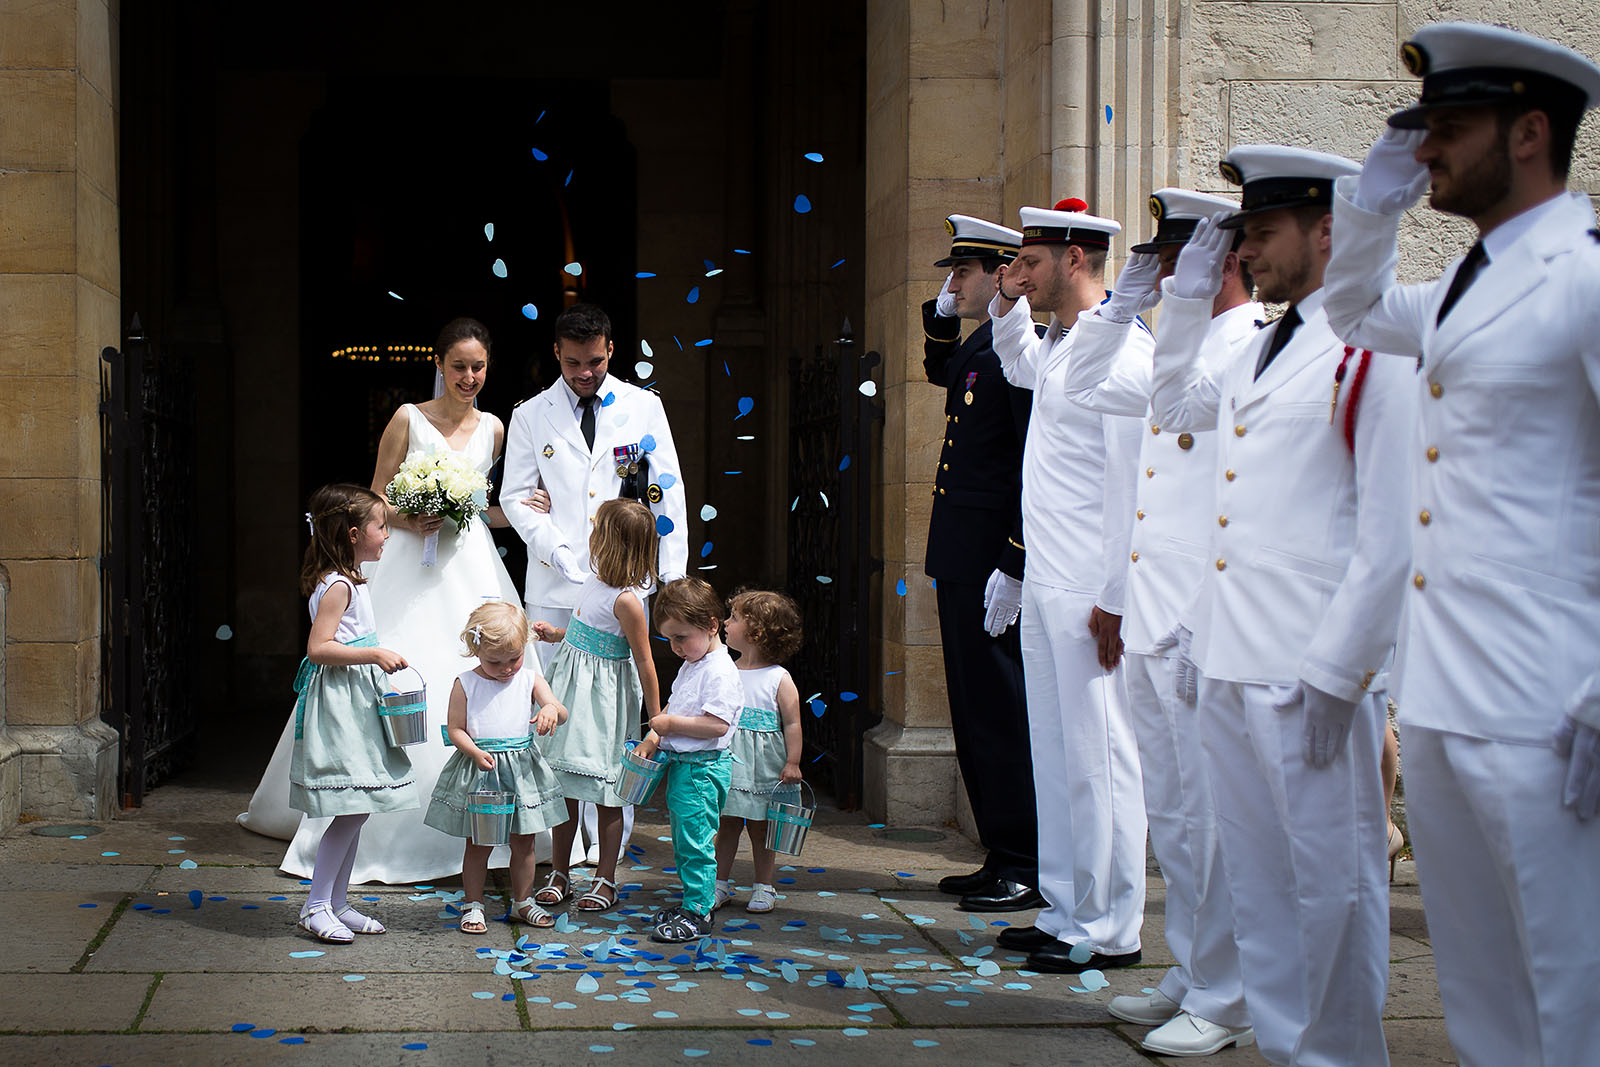 Photographe de mariage à Lyon. Sortie de l'église avec salut militaire et marins